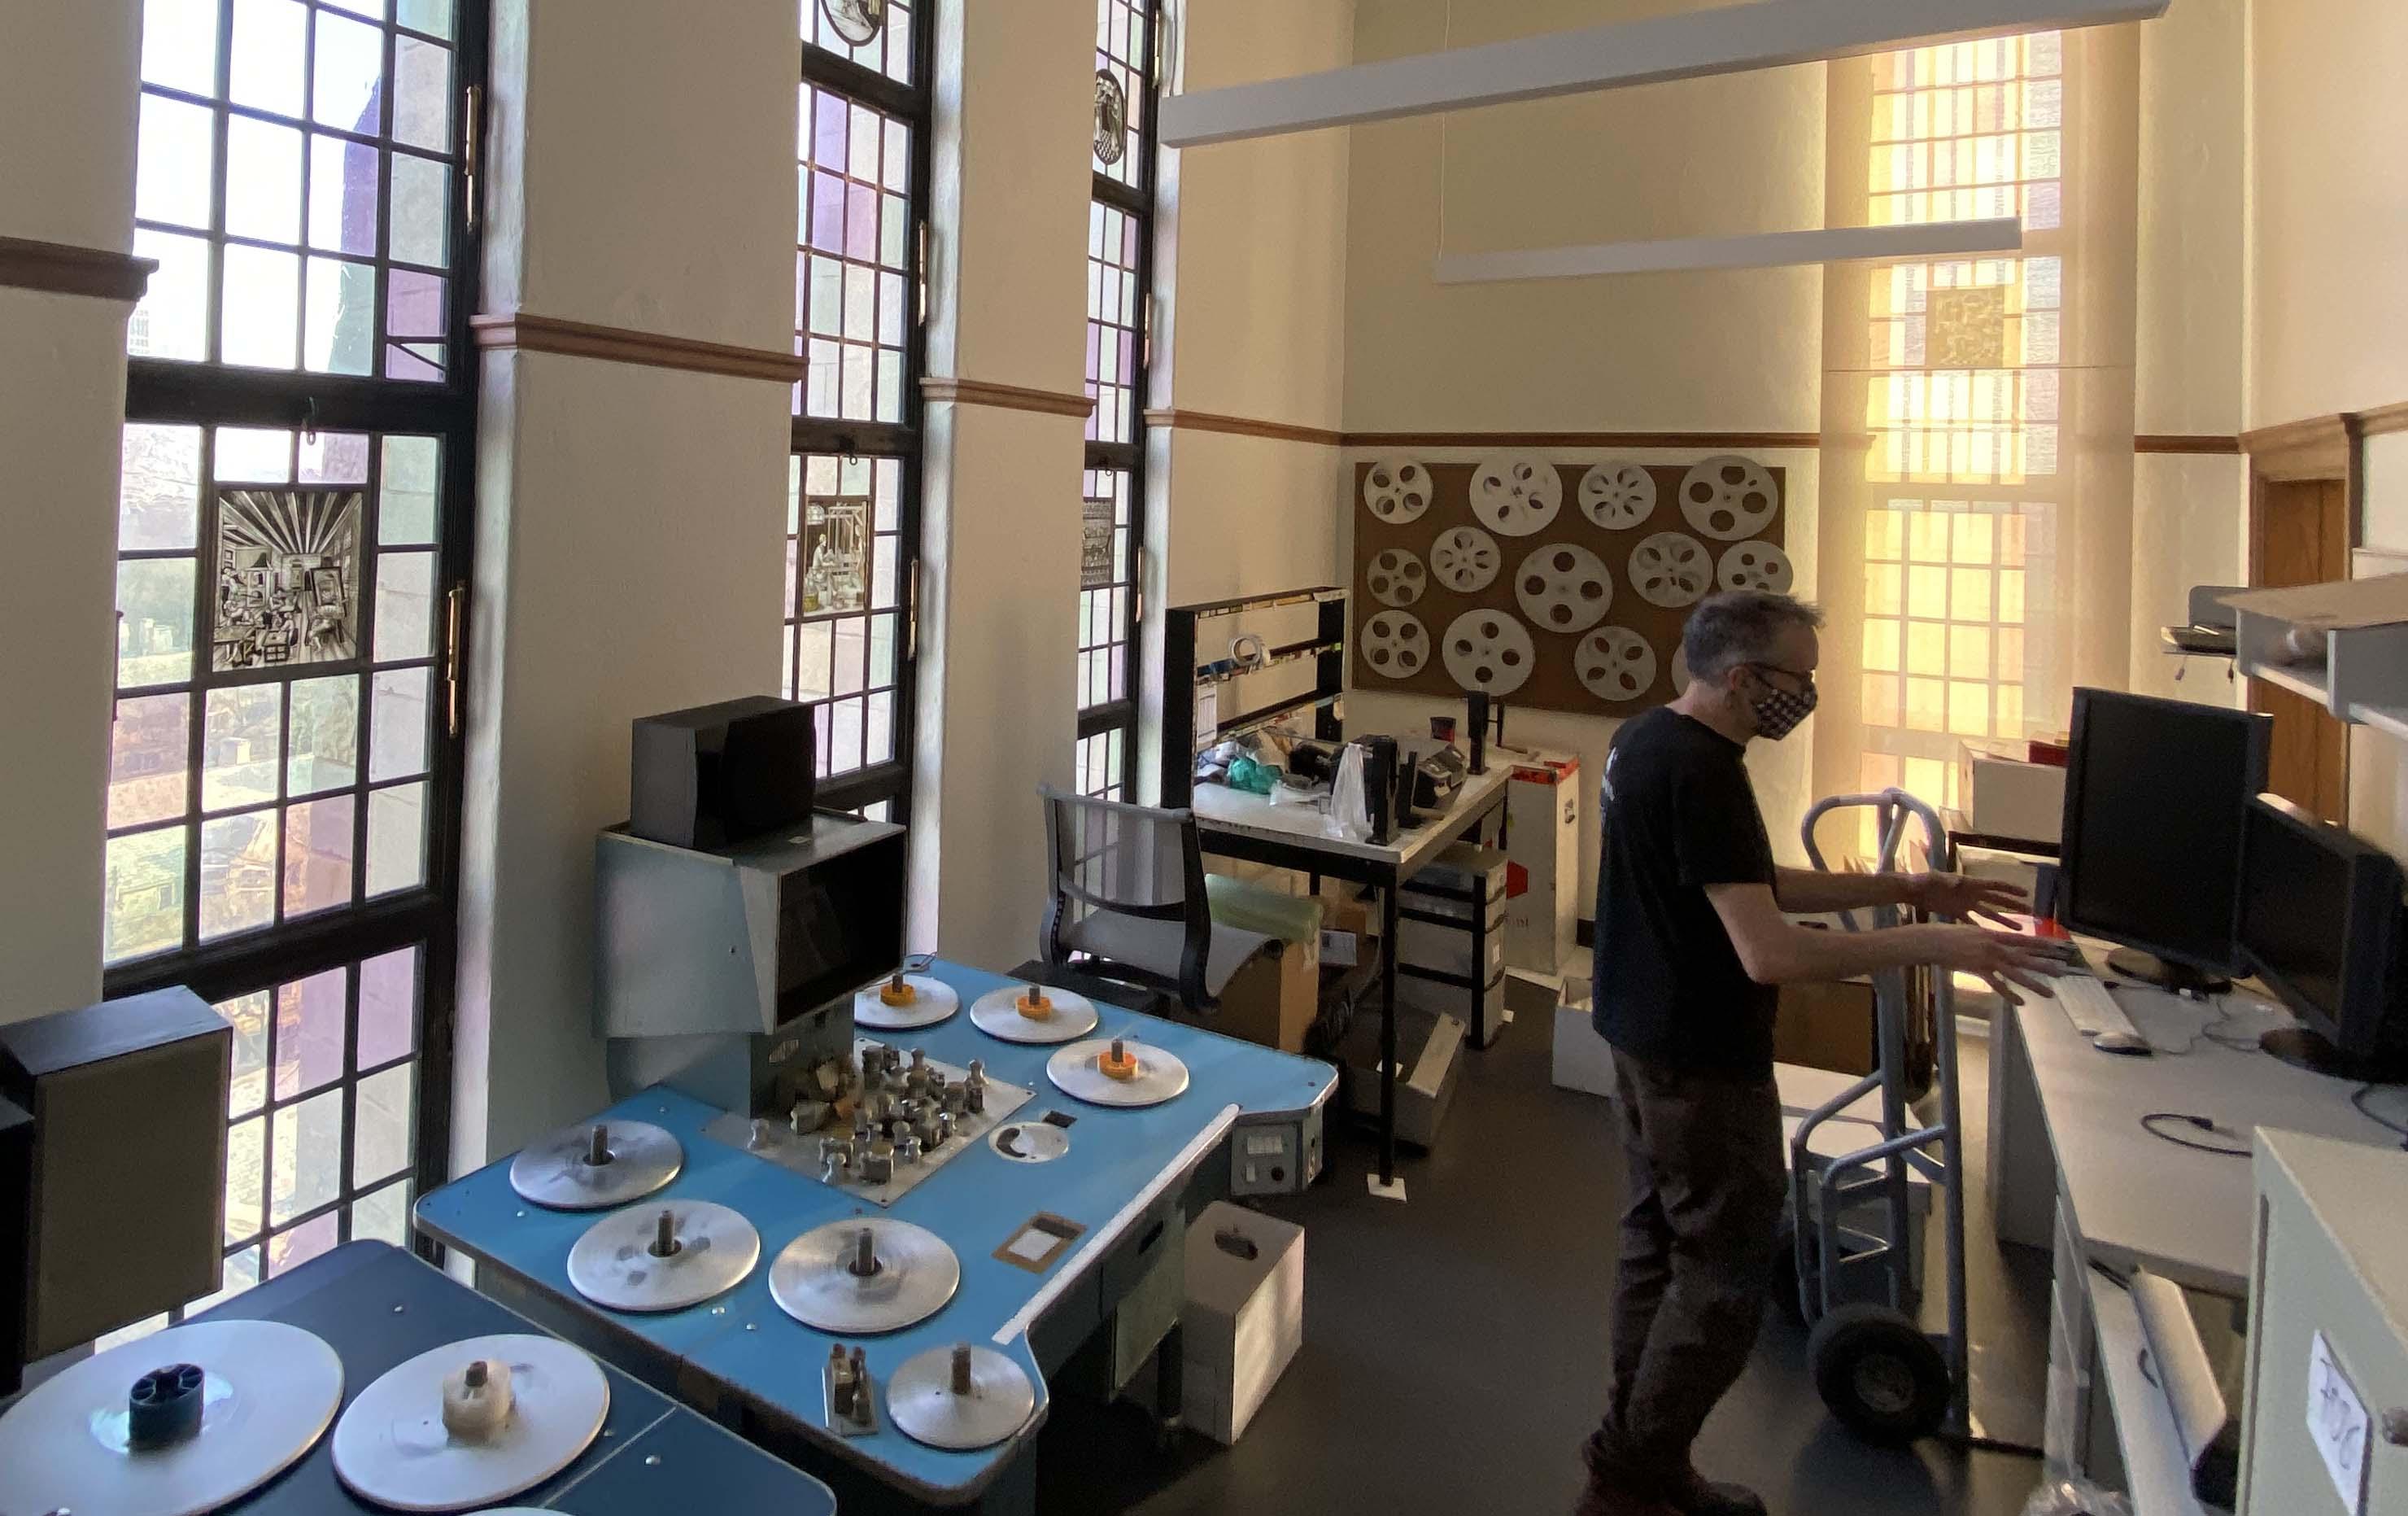 Room full of film recording equipment